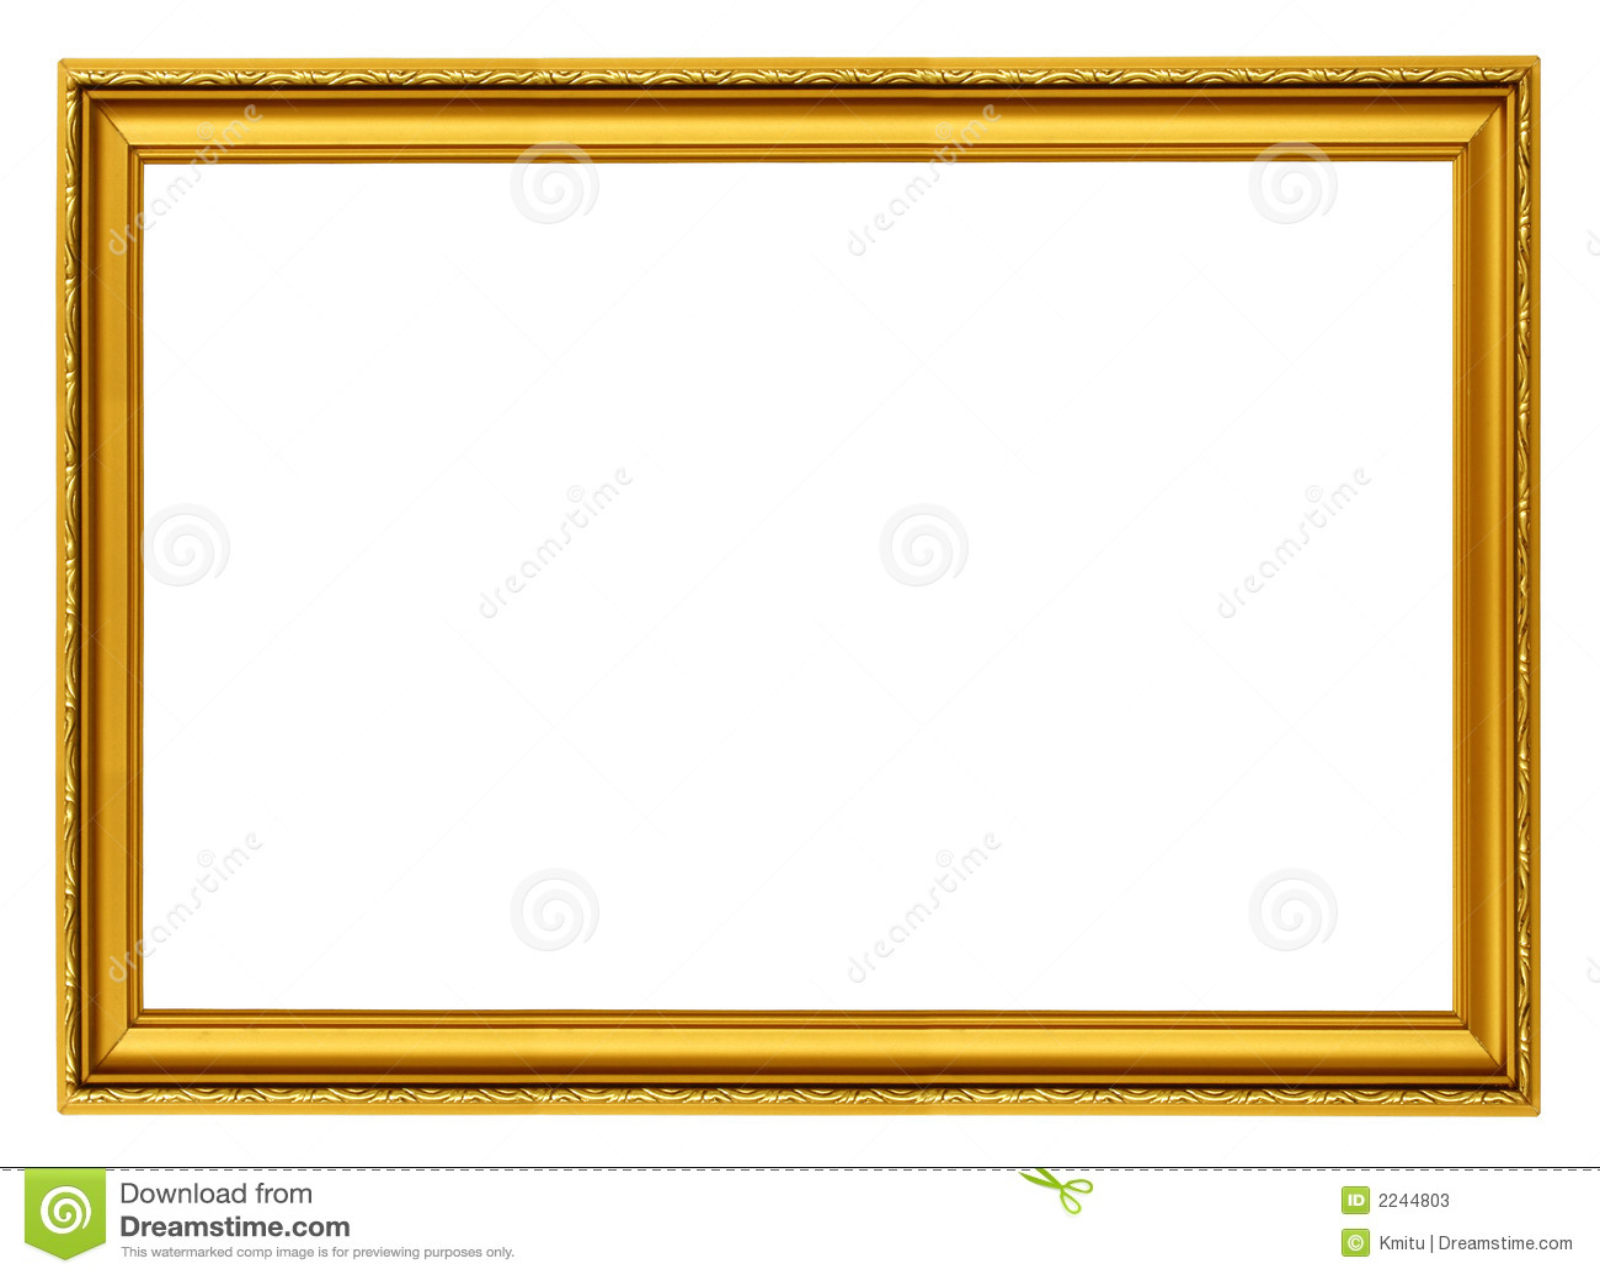 Golden horizontal frame stock image. Image of aged, background - 2244803